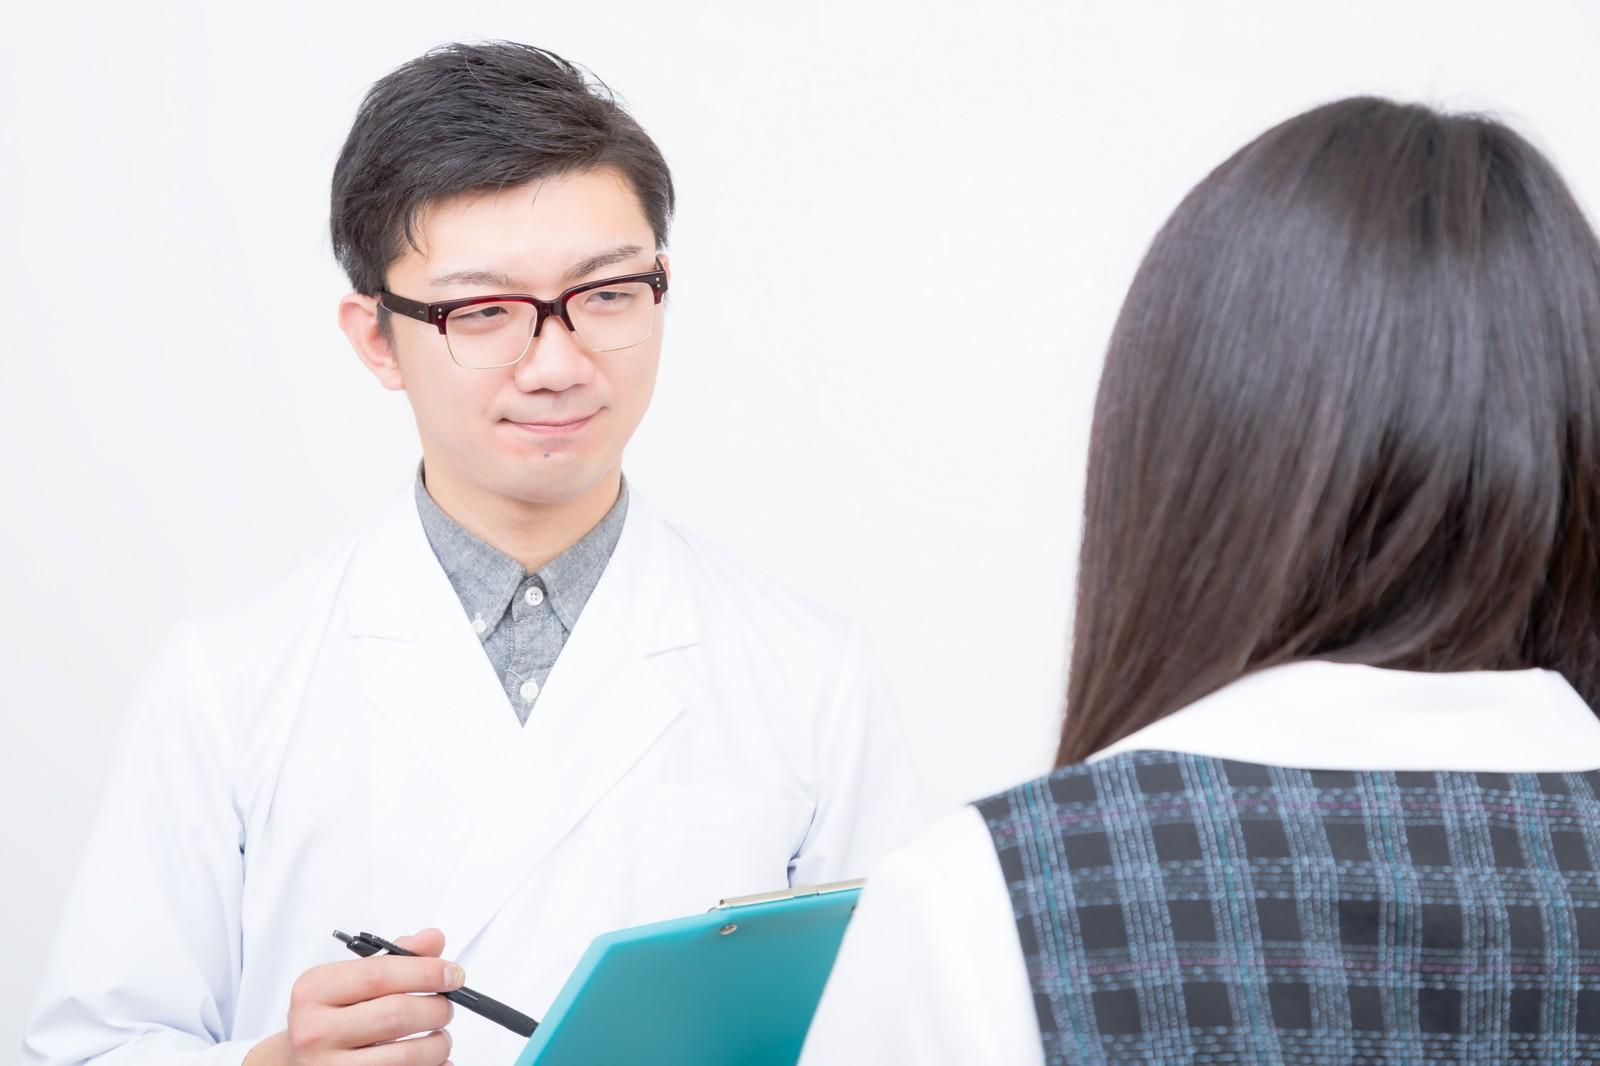 保険診療って一体なに?知っておきたいメリットとデメリットと自由診療との違い